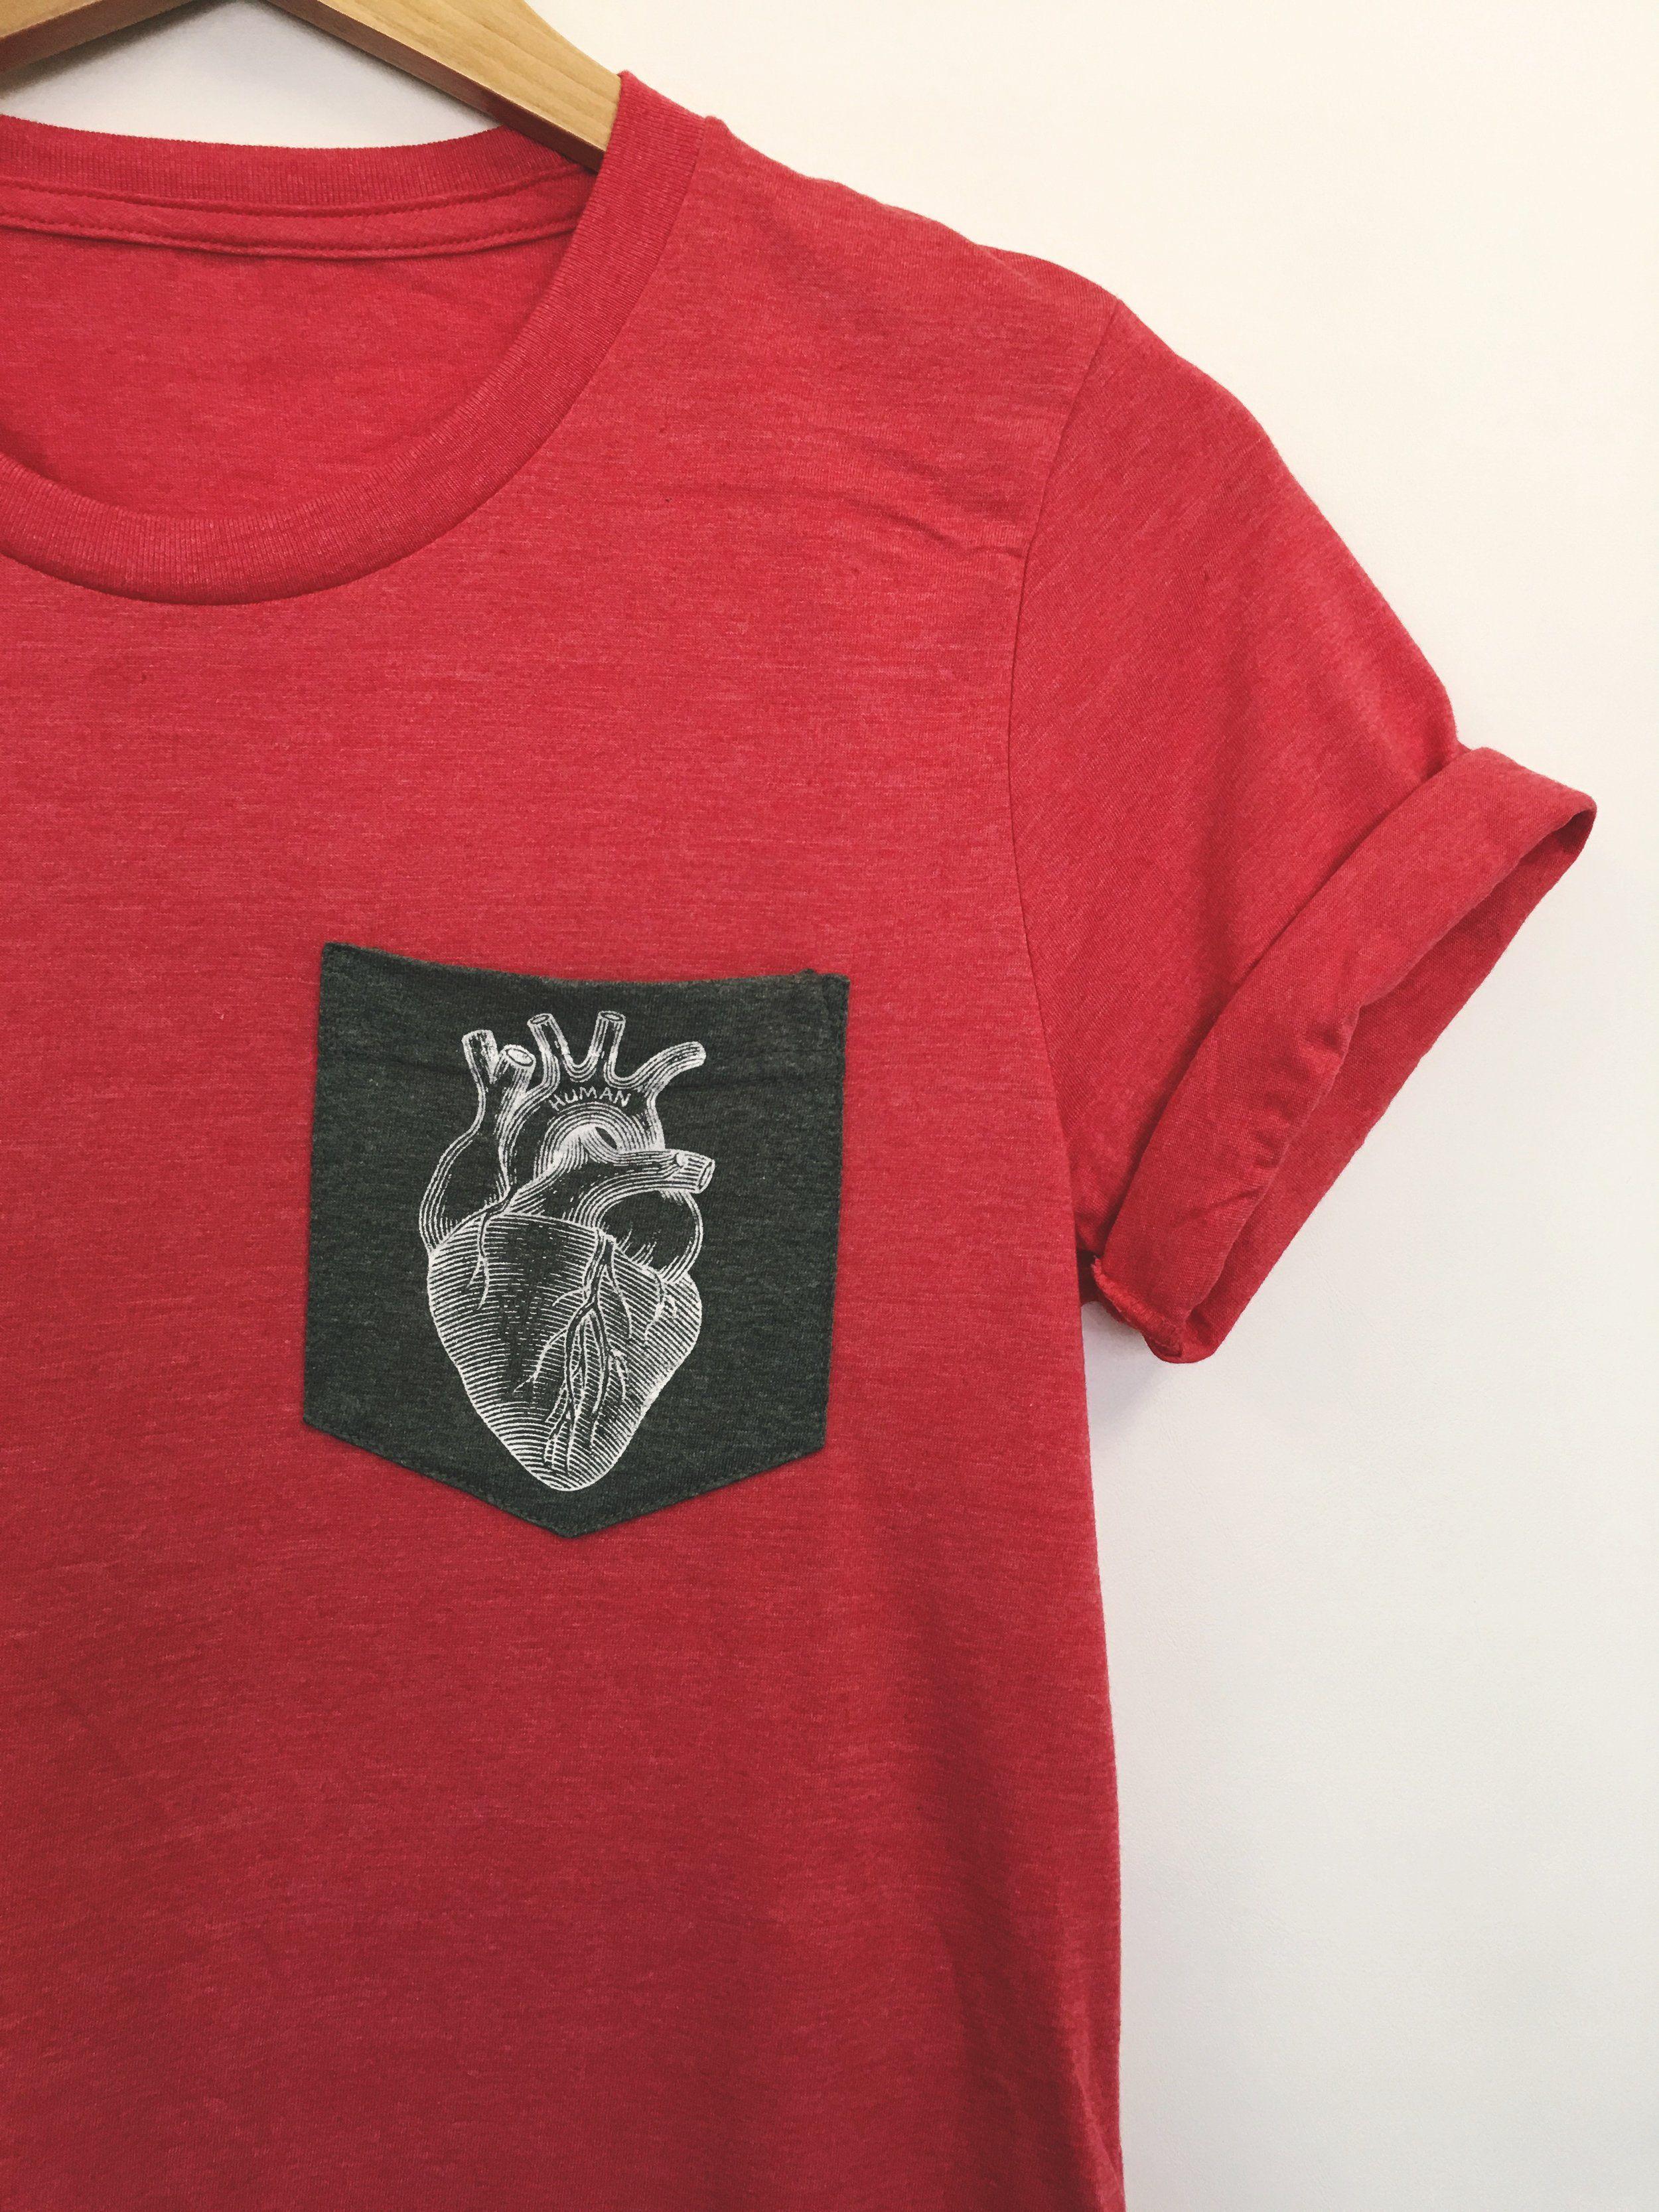 Fox Unisex T-Shirt Pocket & Sleeves U95ngw